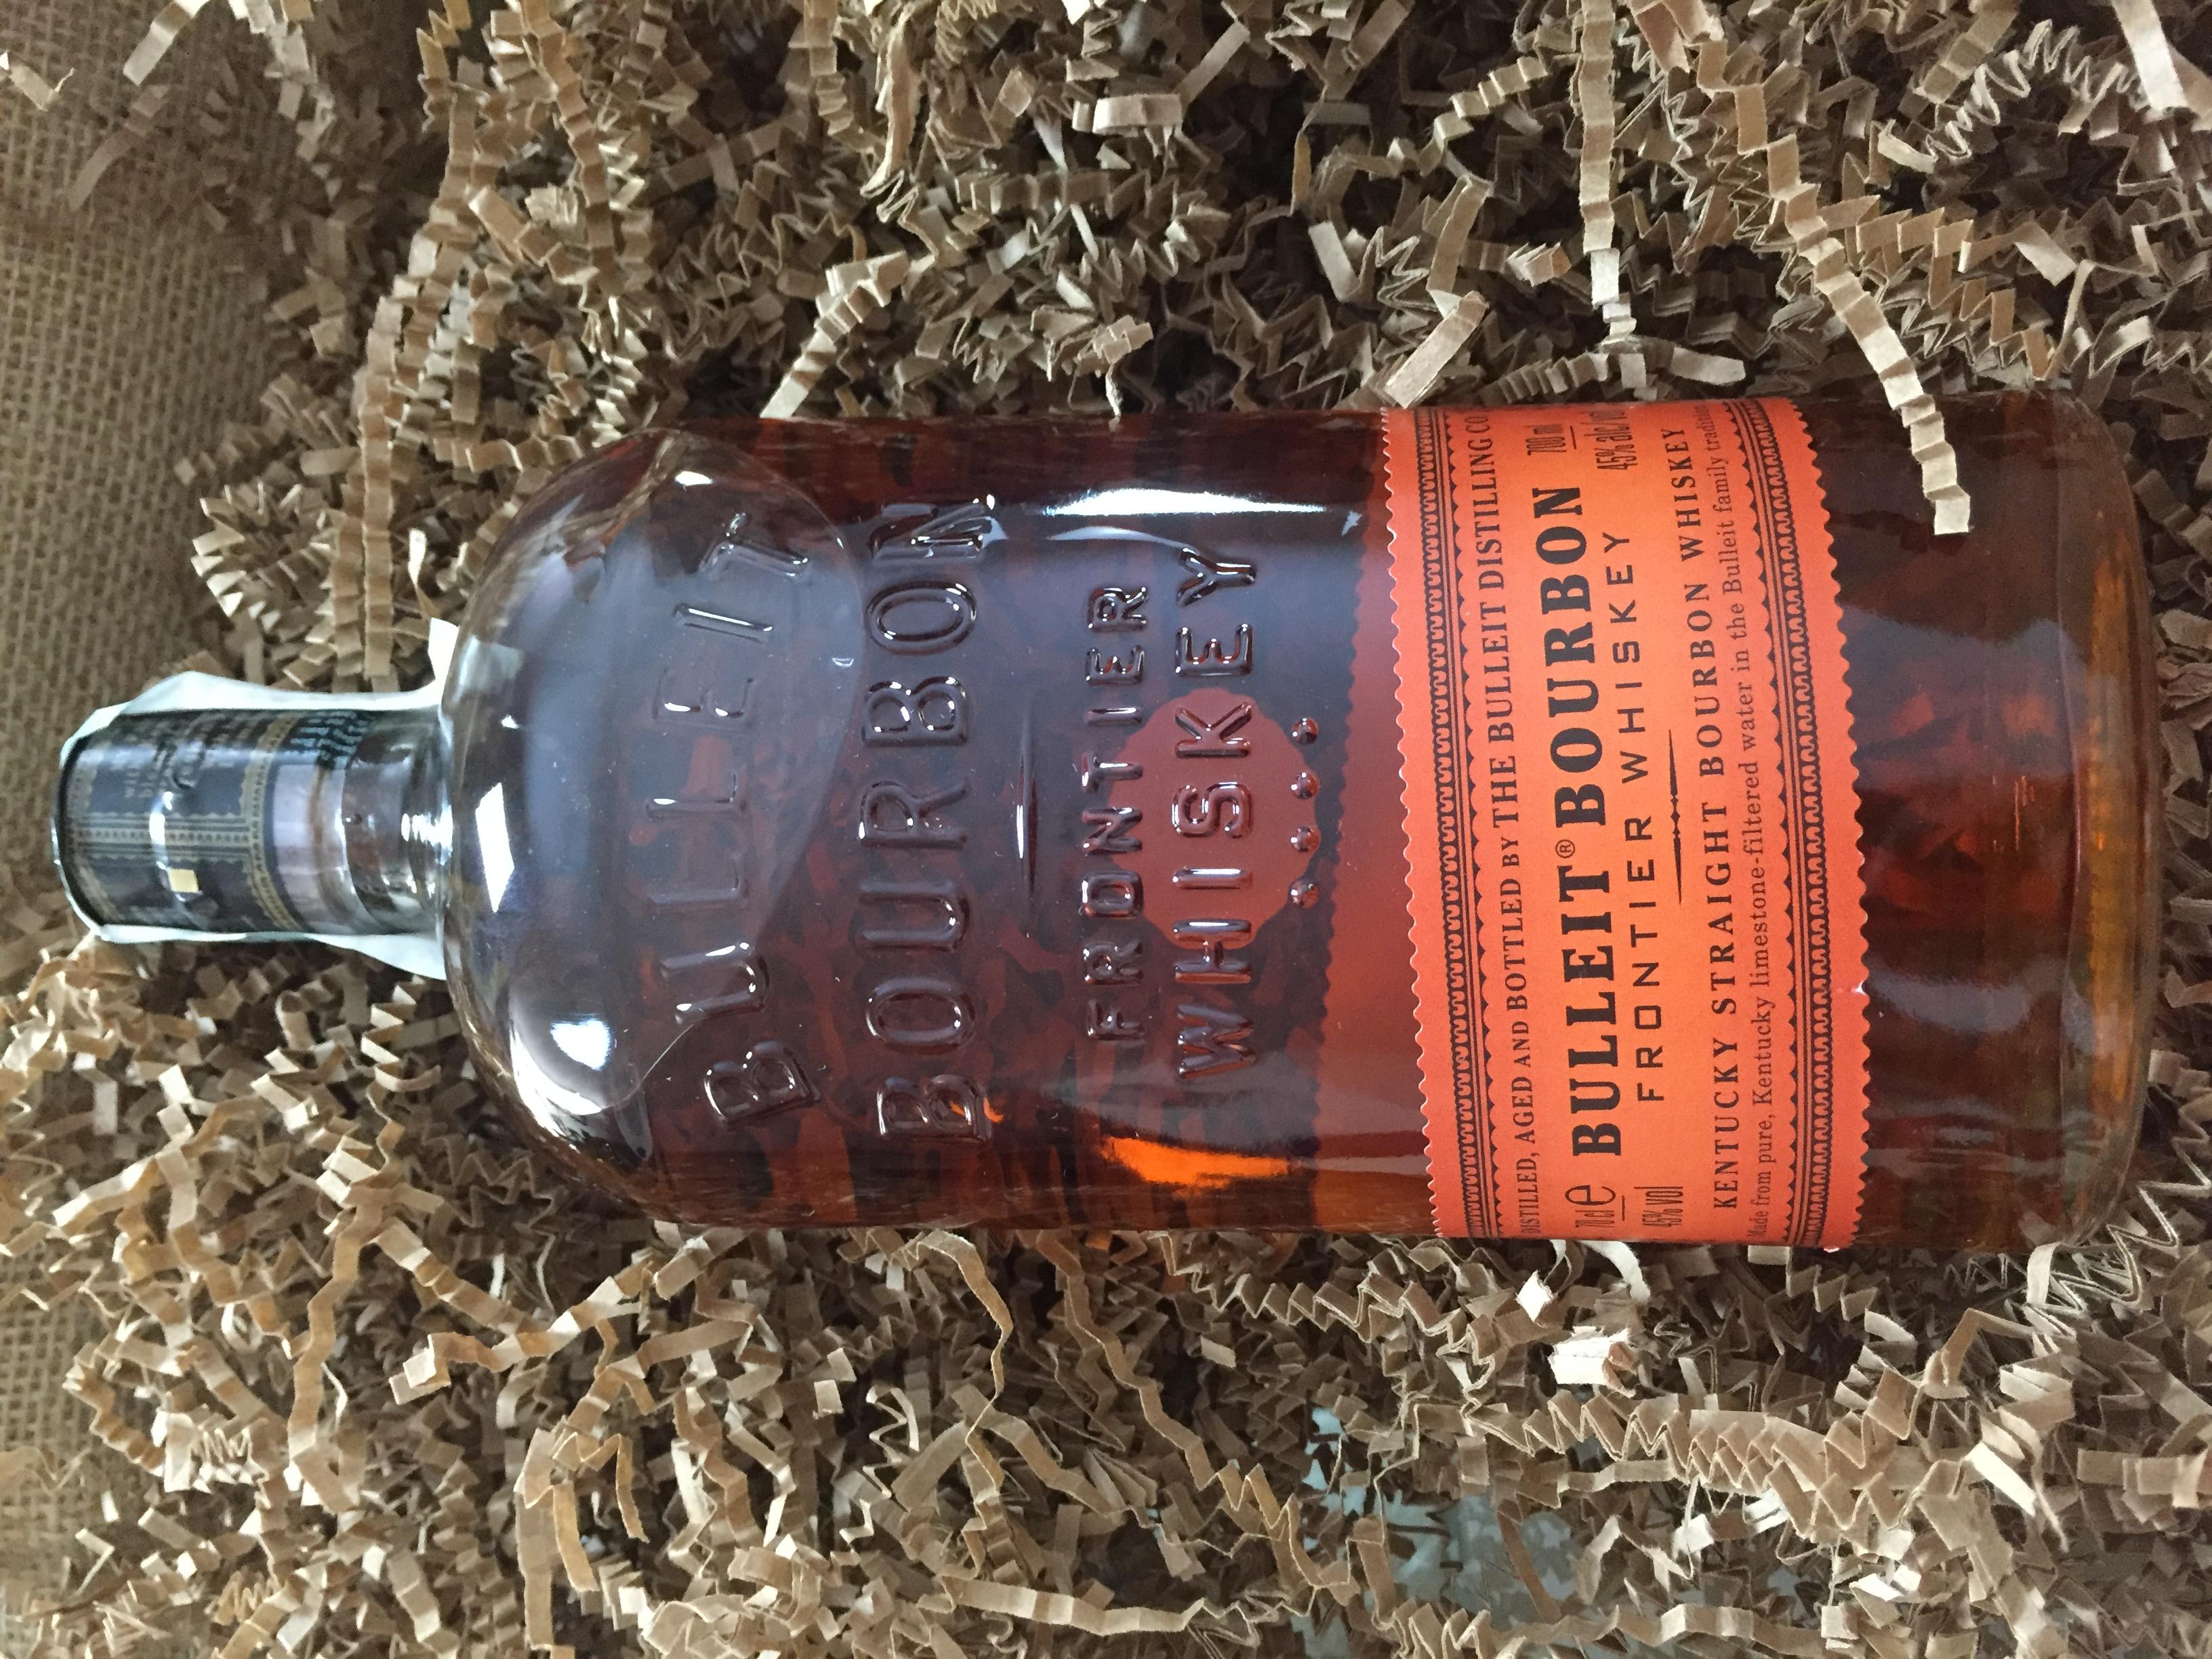 I magnifici 7 - kit gadget bourbon